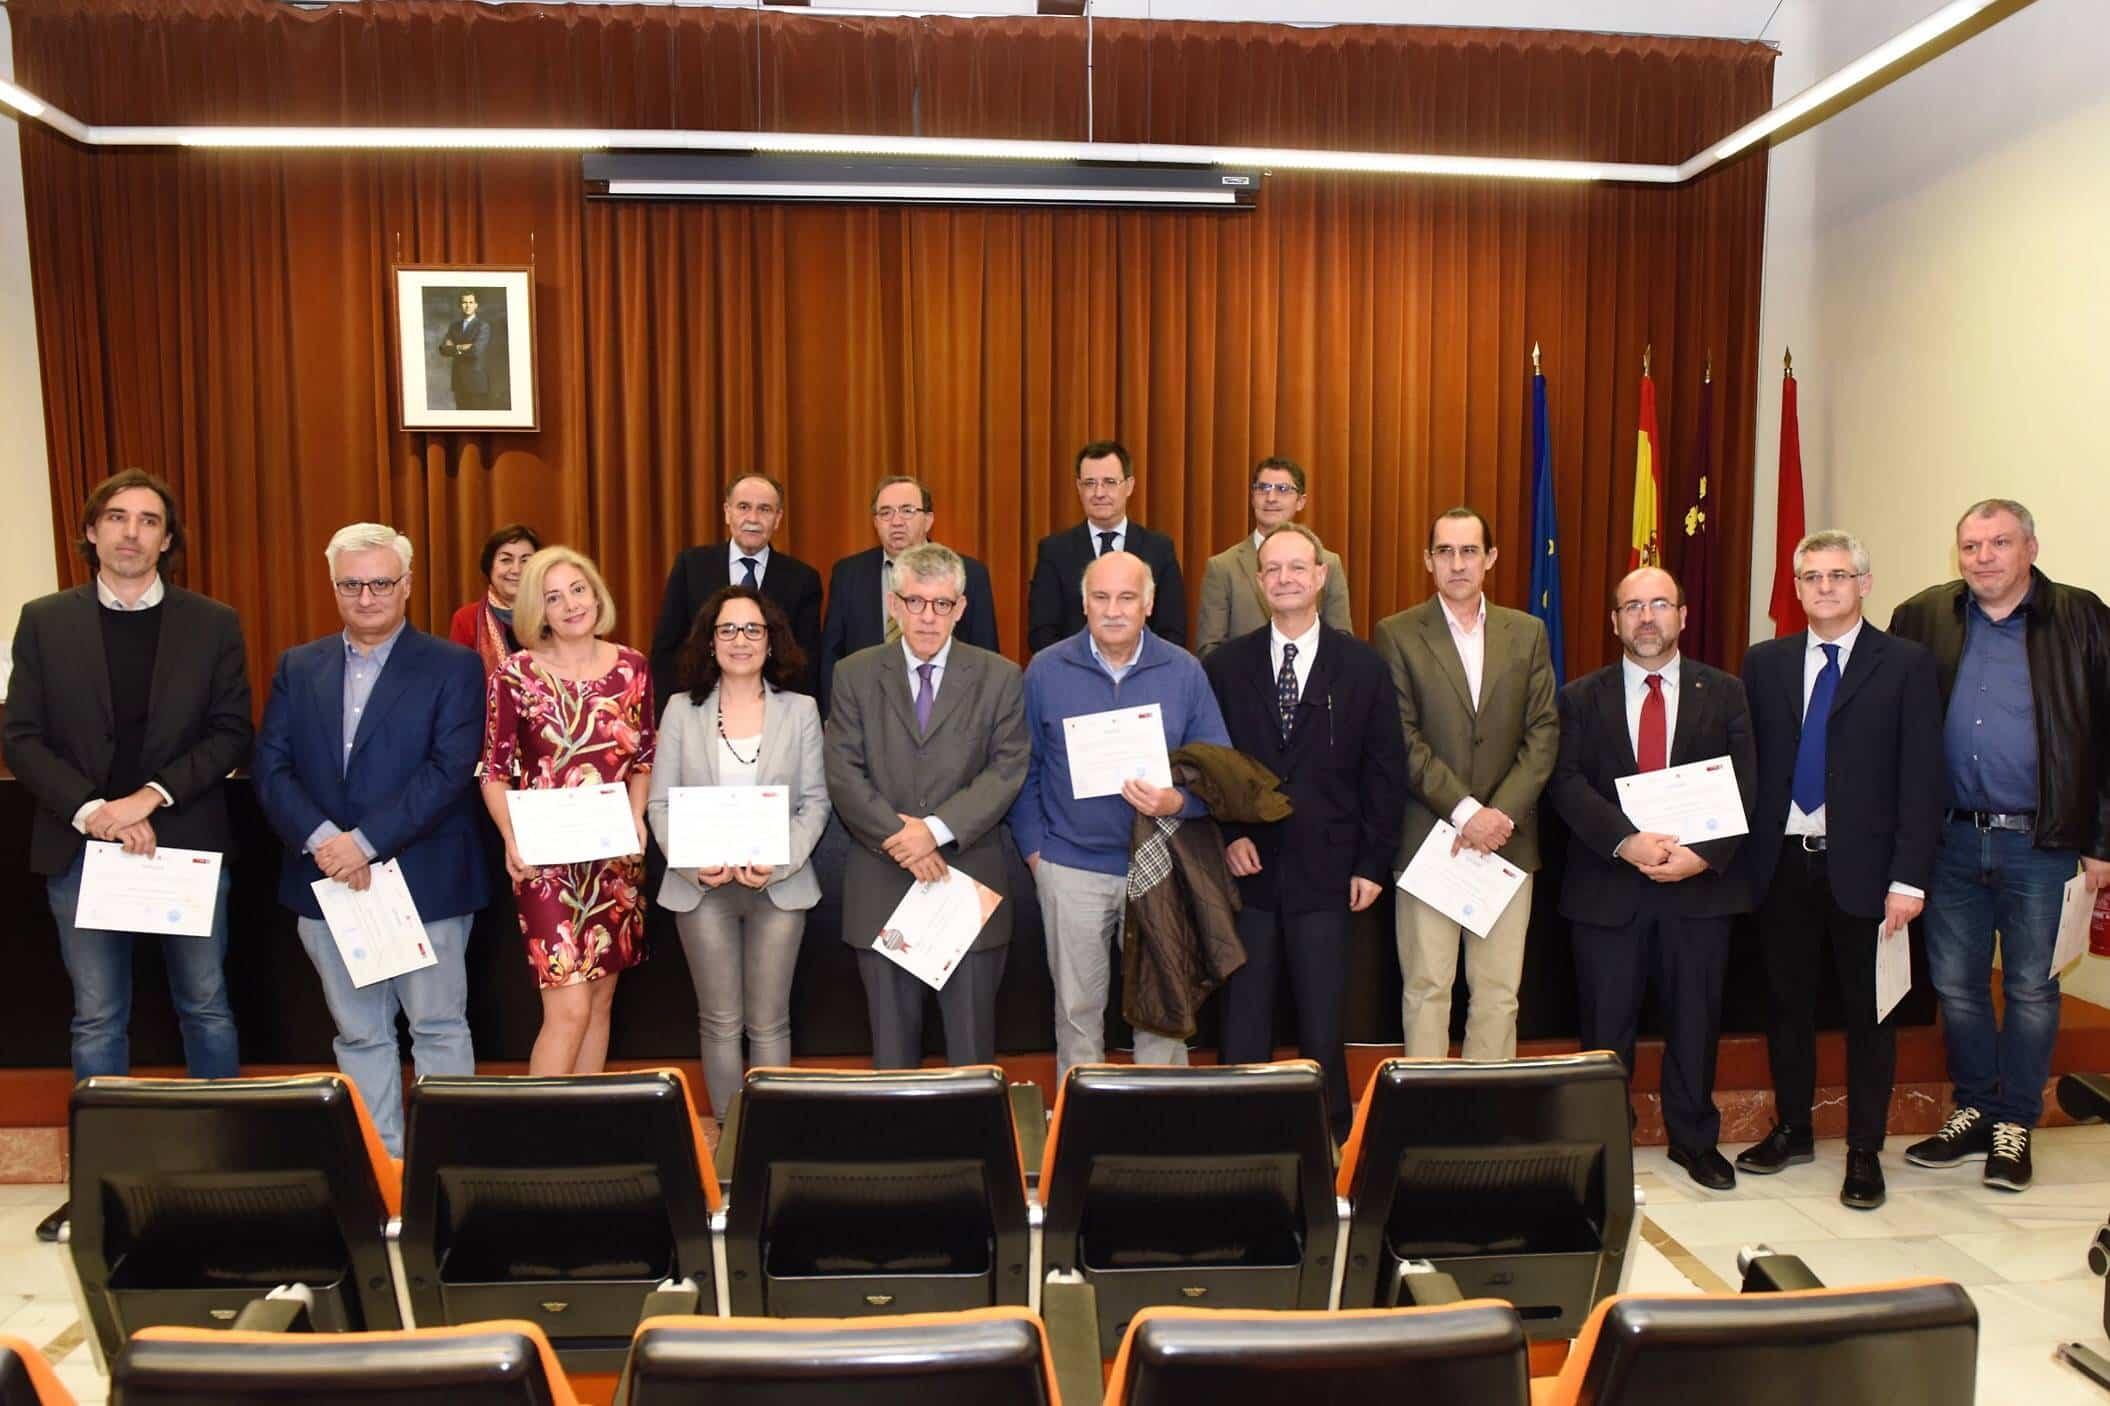 Premiados por la UMU Jose Maria Moraleda - La universidad de Murcia premia a José María Moraleda